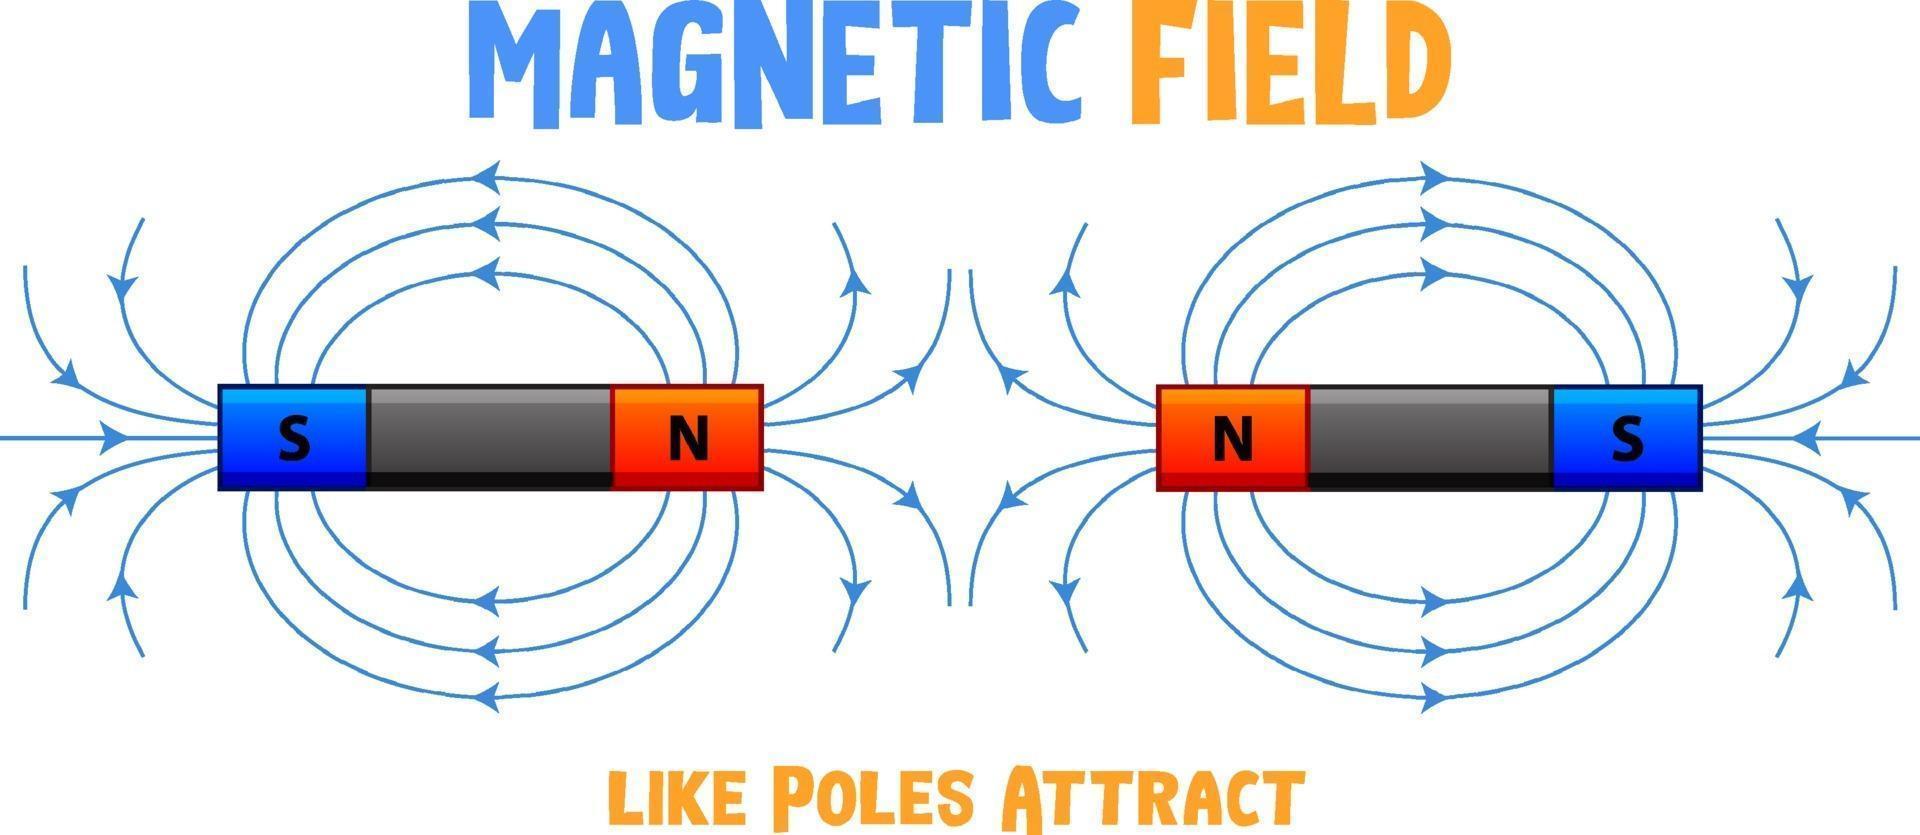 Magnetfeld gleicher Pole ziehen an vektor